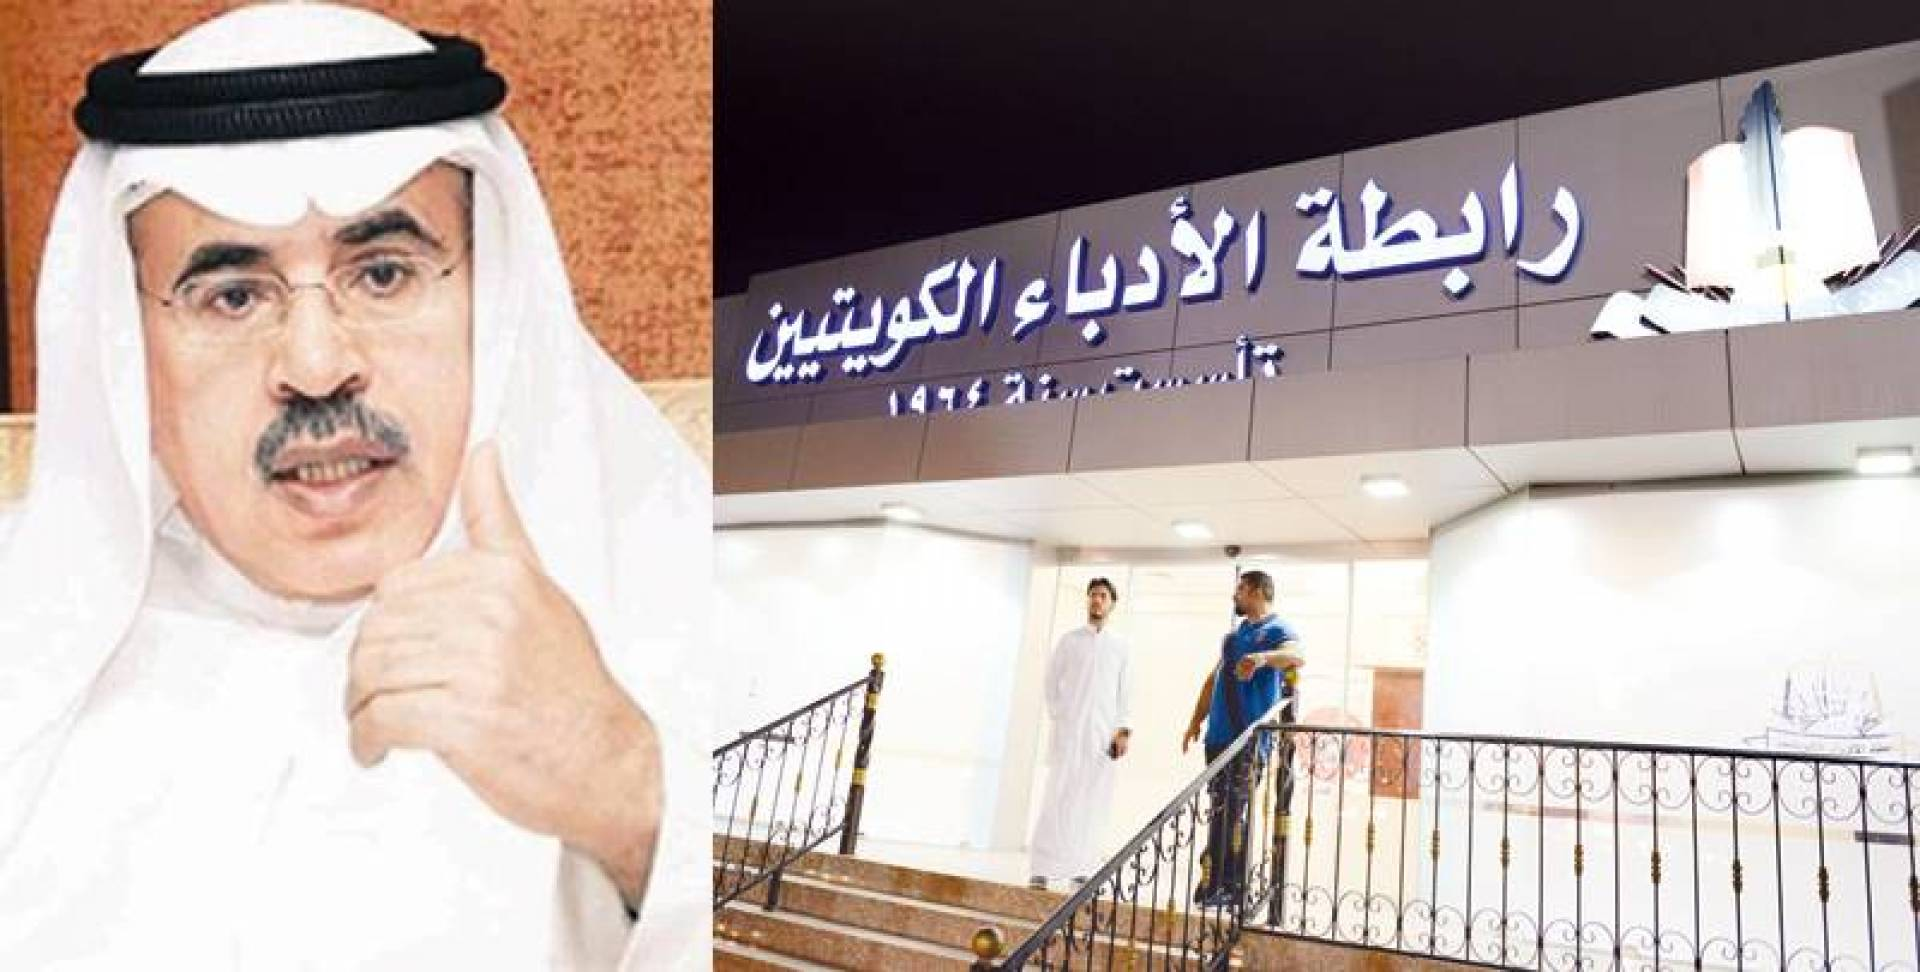 مبنى رابطة الادباء الكويتيين - خالد رمضان